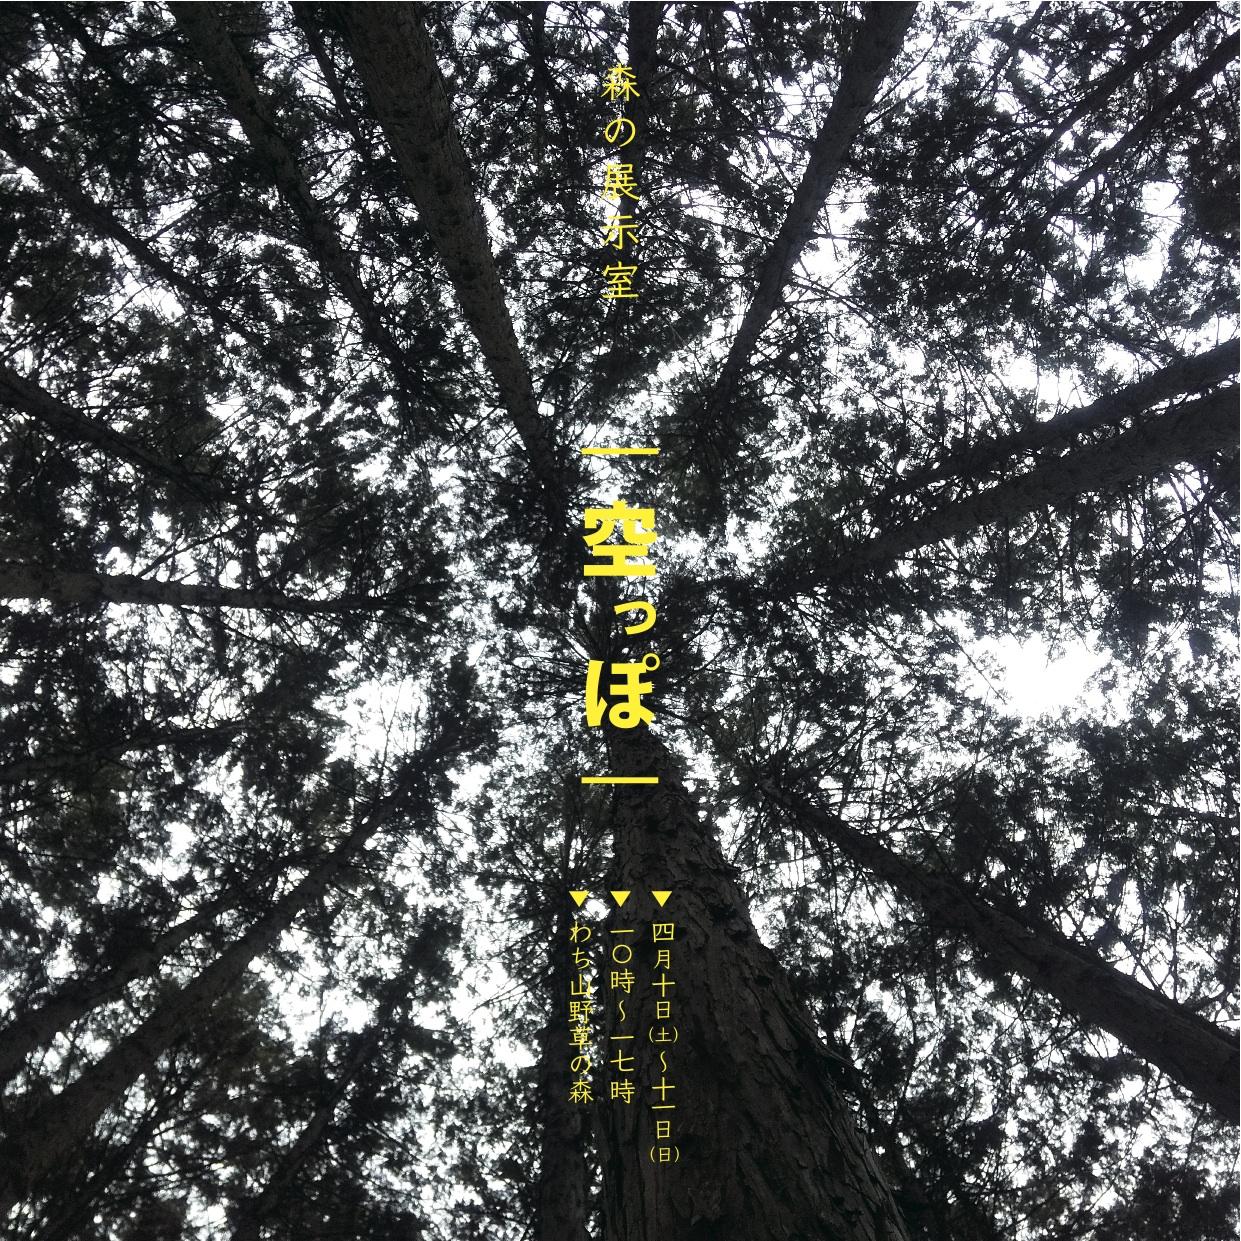 森の展示室 A4変形表out